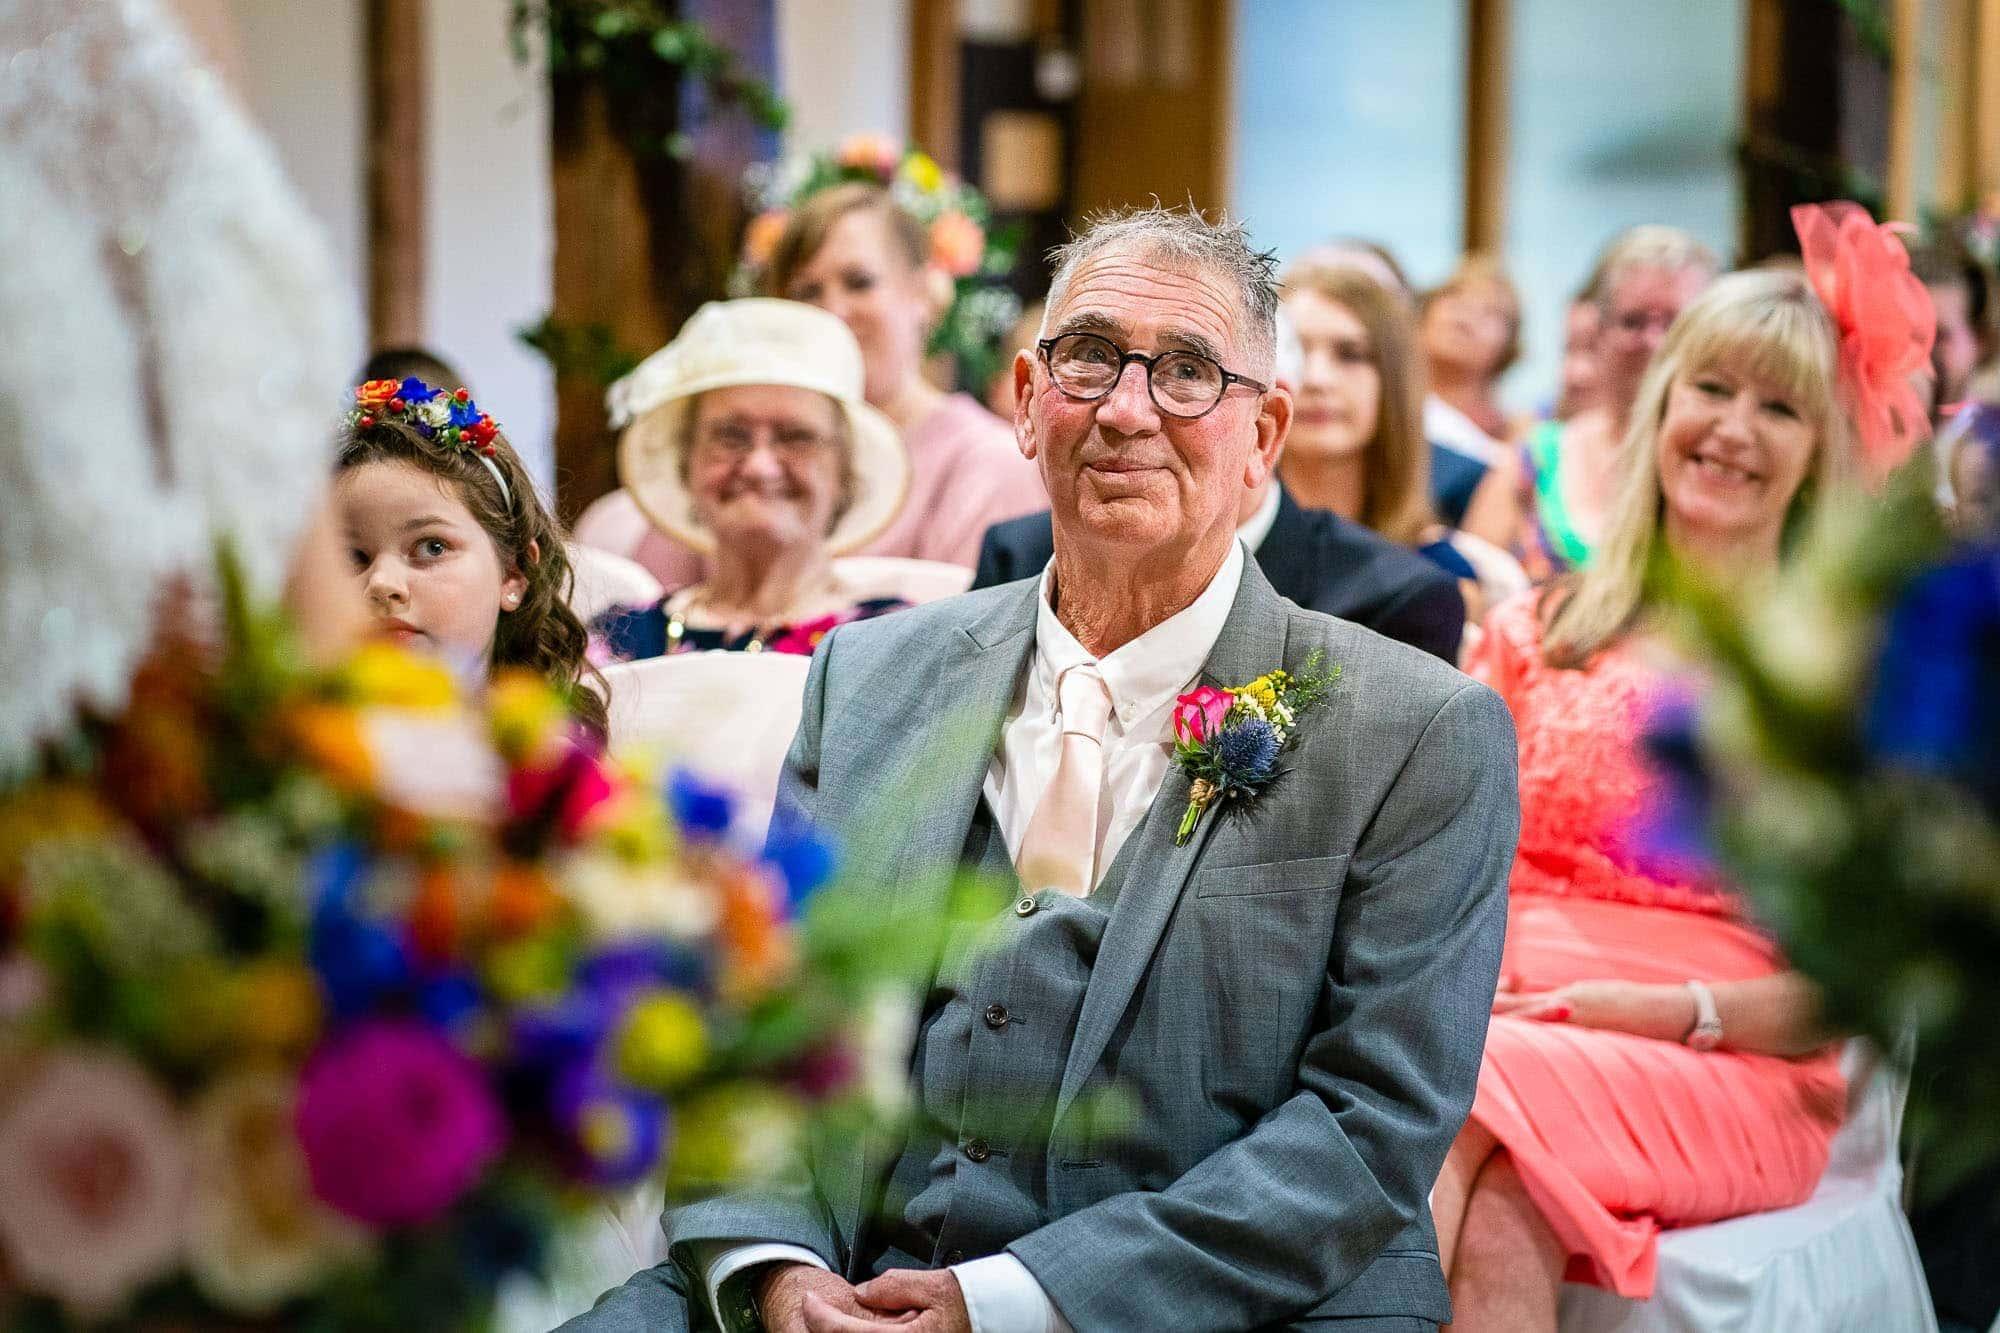 Norton Park Wedding Two Brides 45 8649